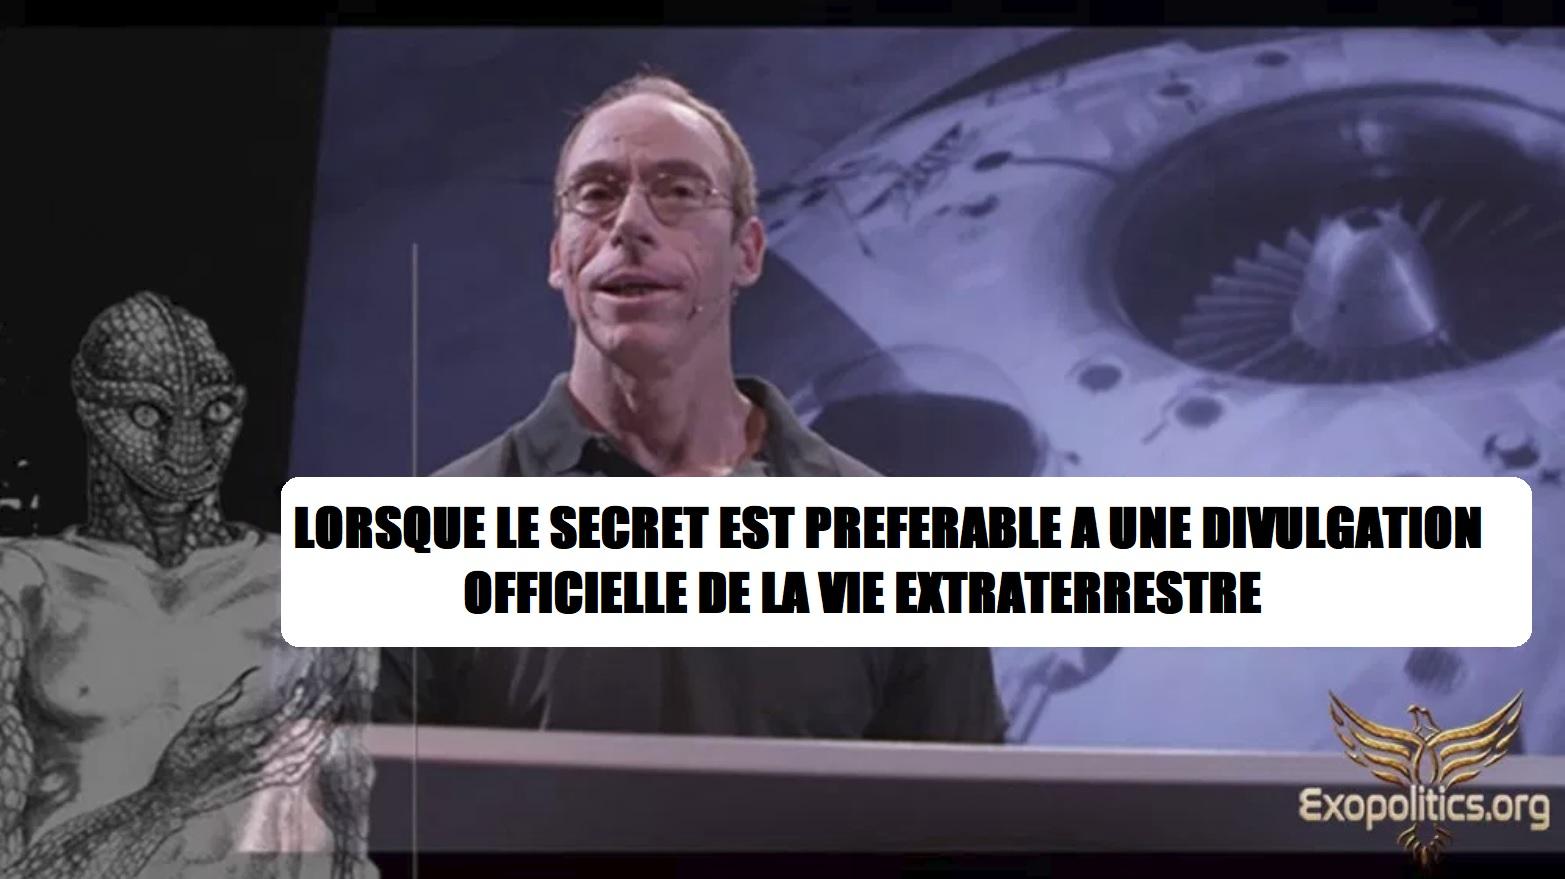 Lorsque le secret est préférable a une divulgation officielle de la vie extraterrestre (par Dr M. SALLA)